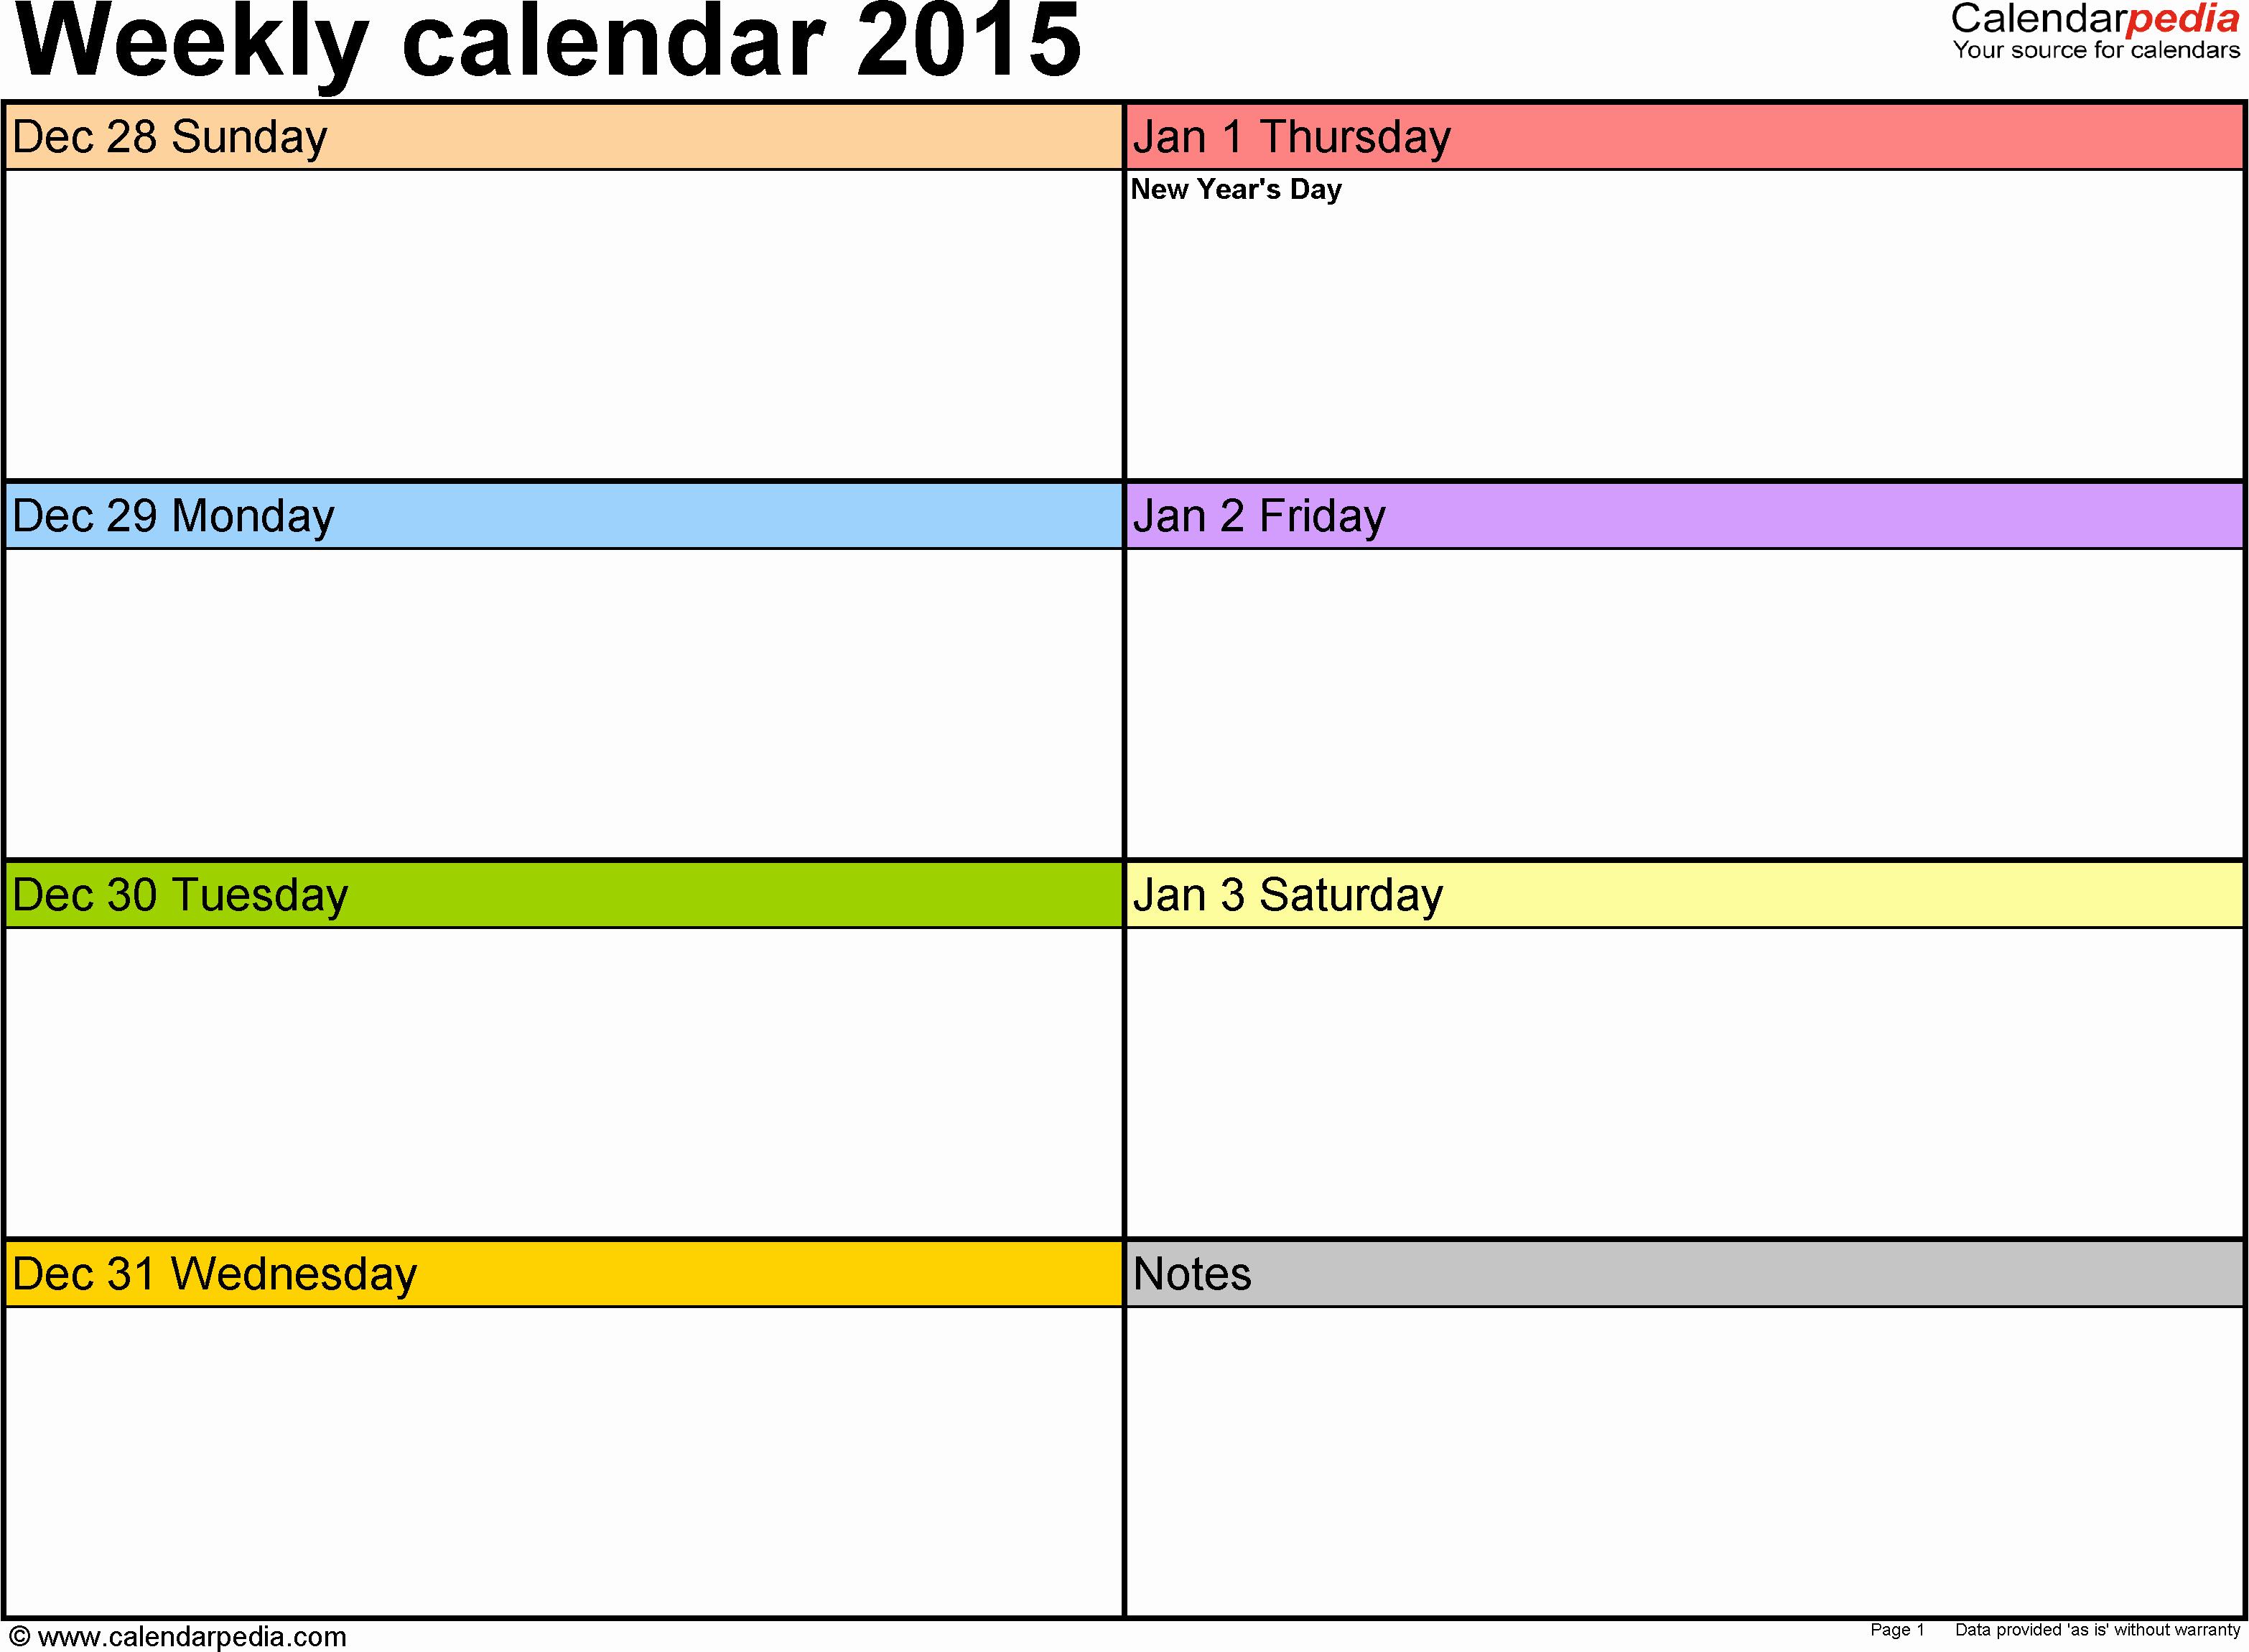 Week by Week Calendar Template Best Of Weekly Calendar 2015 for Pdf 12 Free Printable Templates